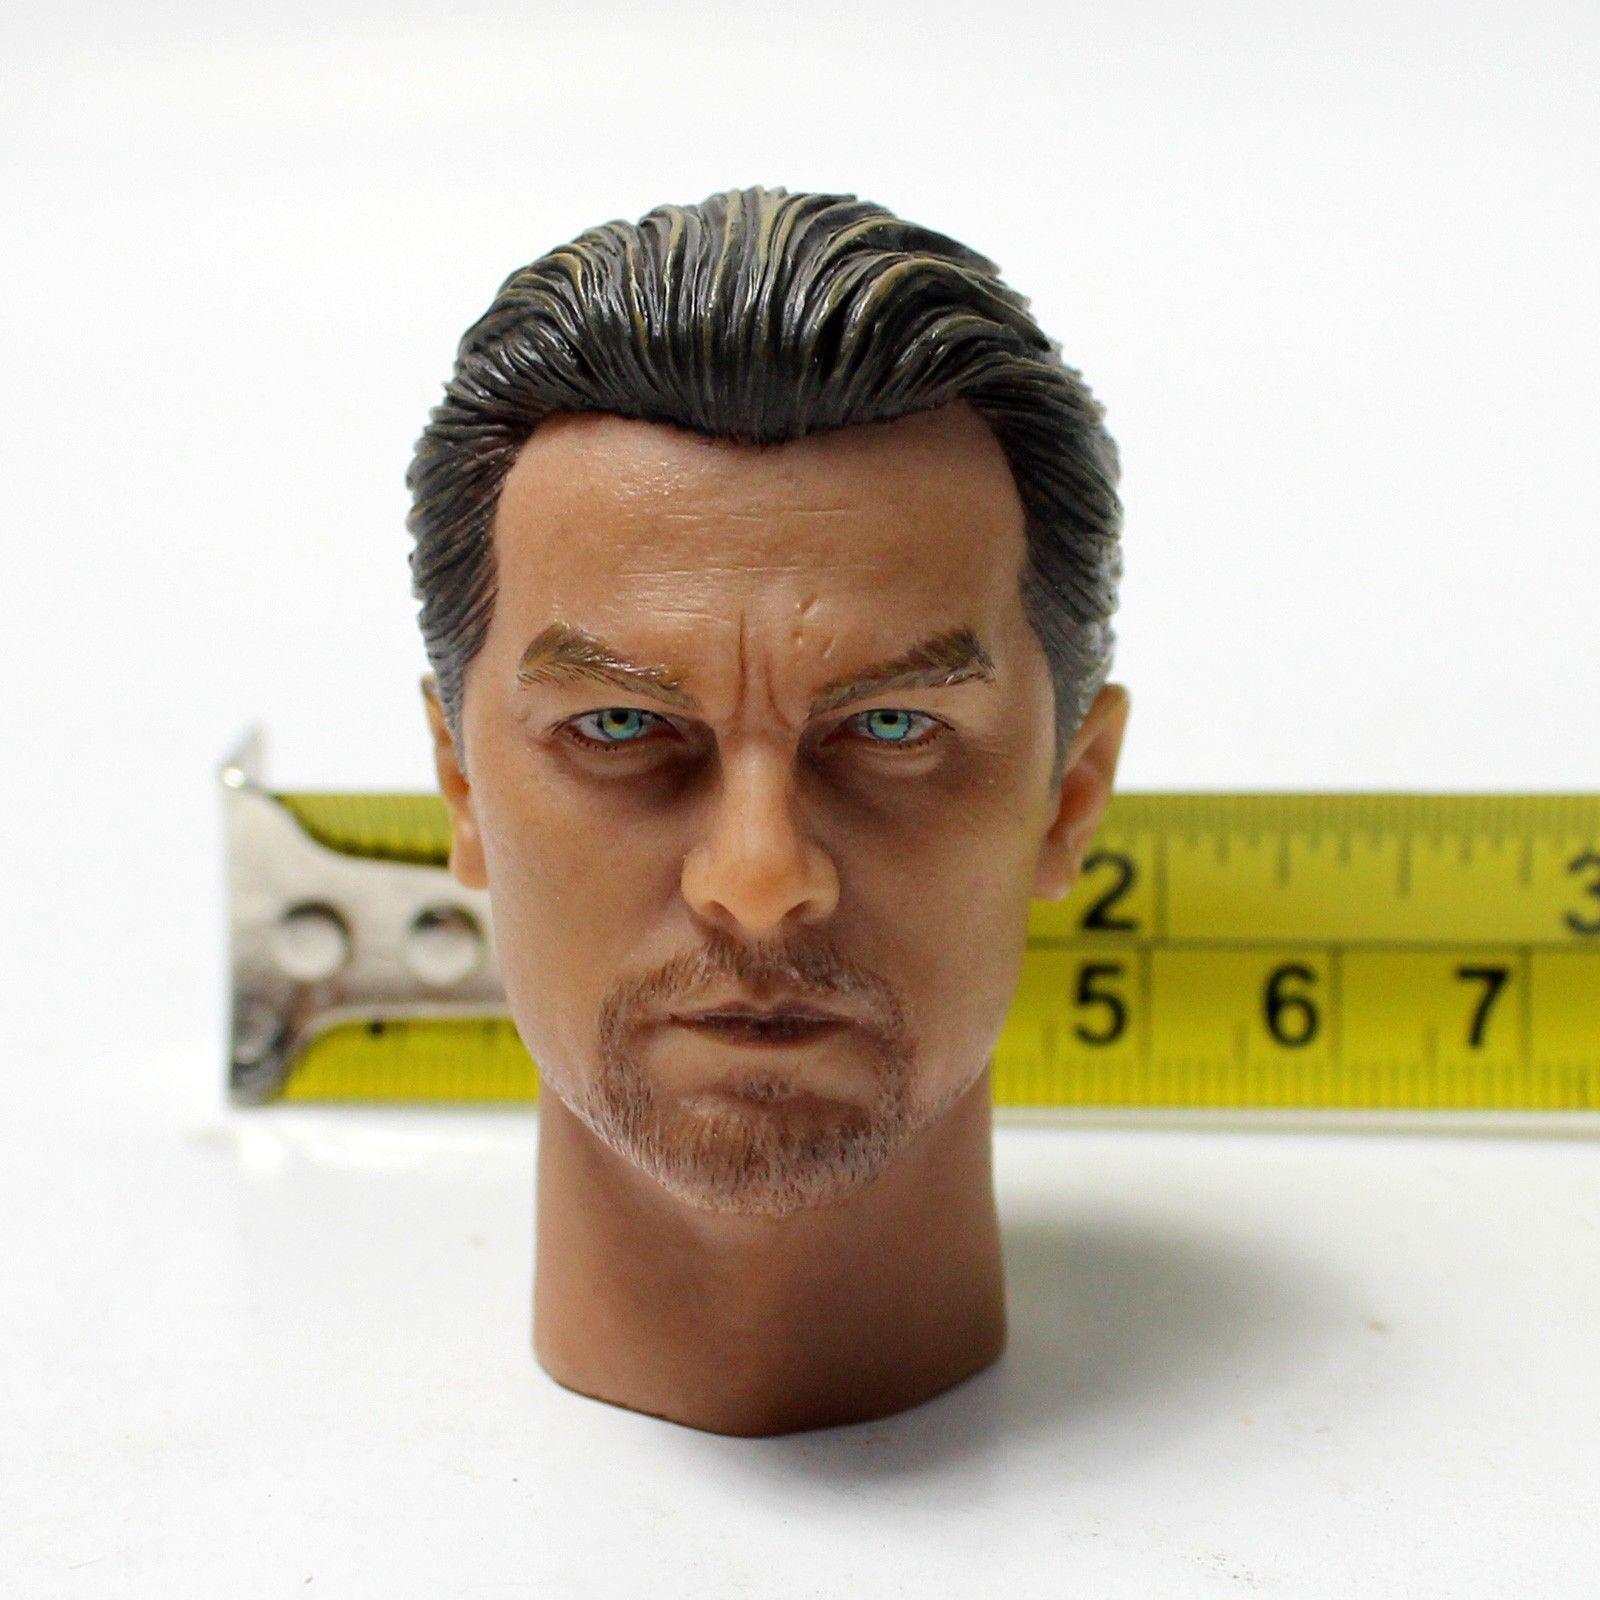 B10-26 1 6 Scale Head Sculpt EXCEPTION Cobb